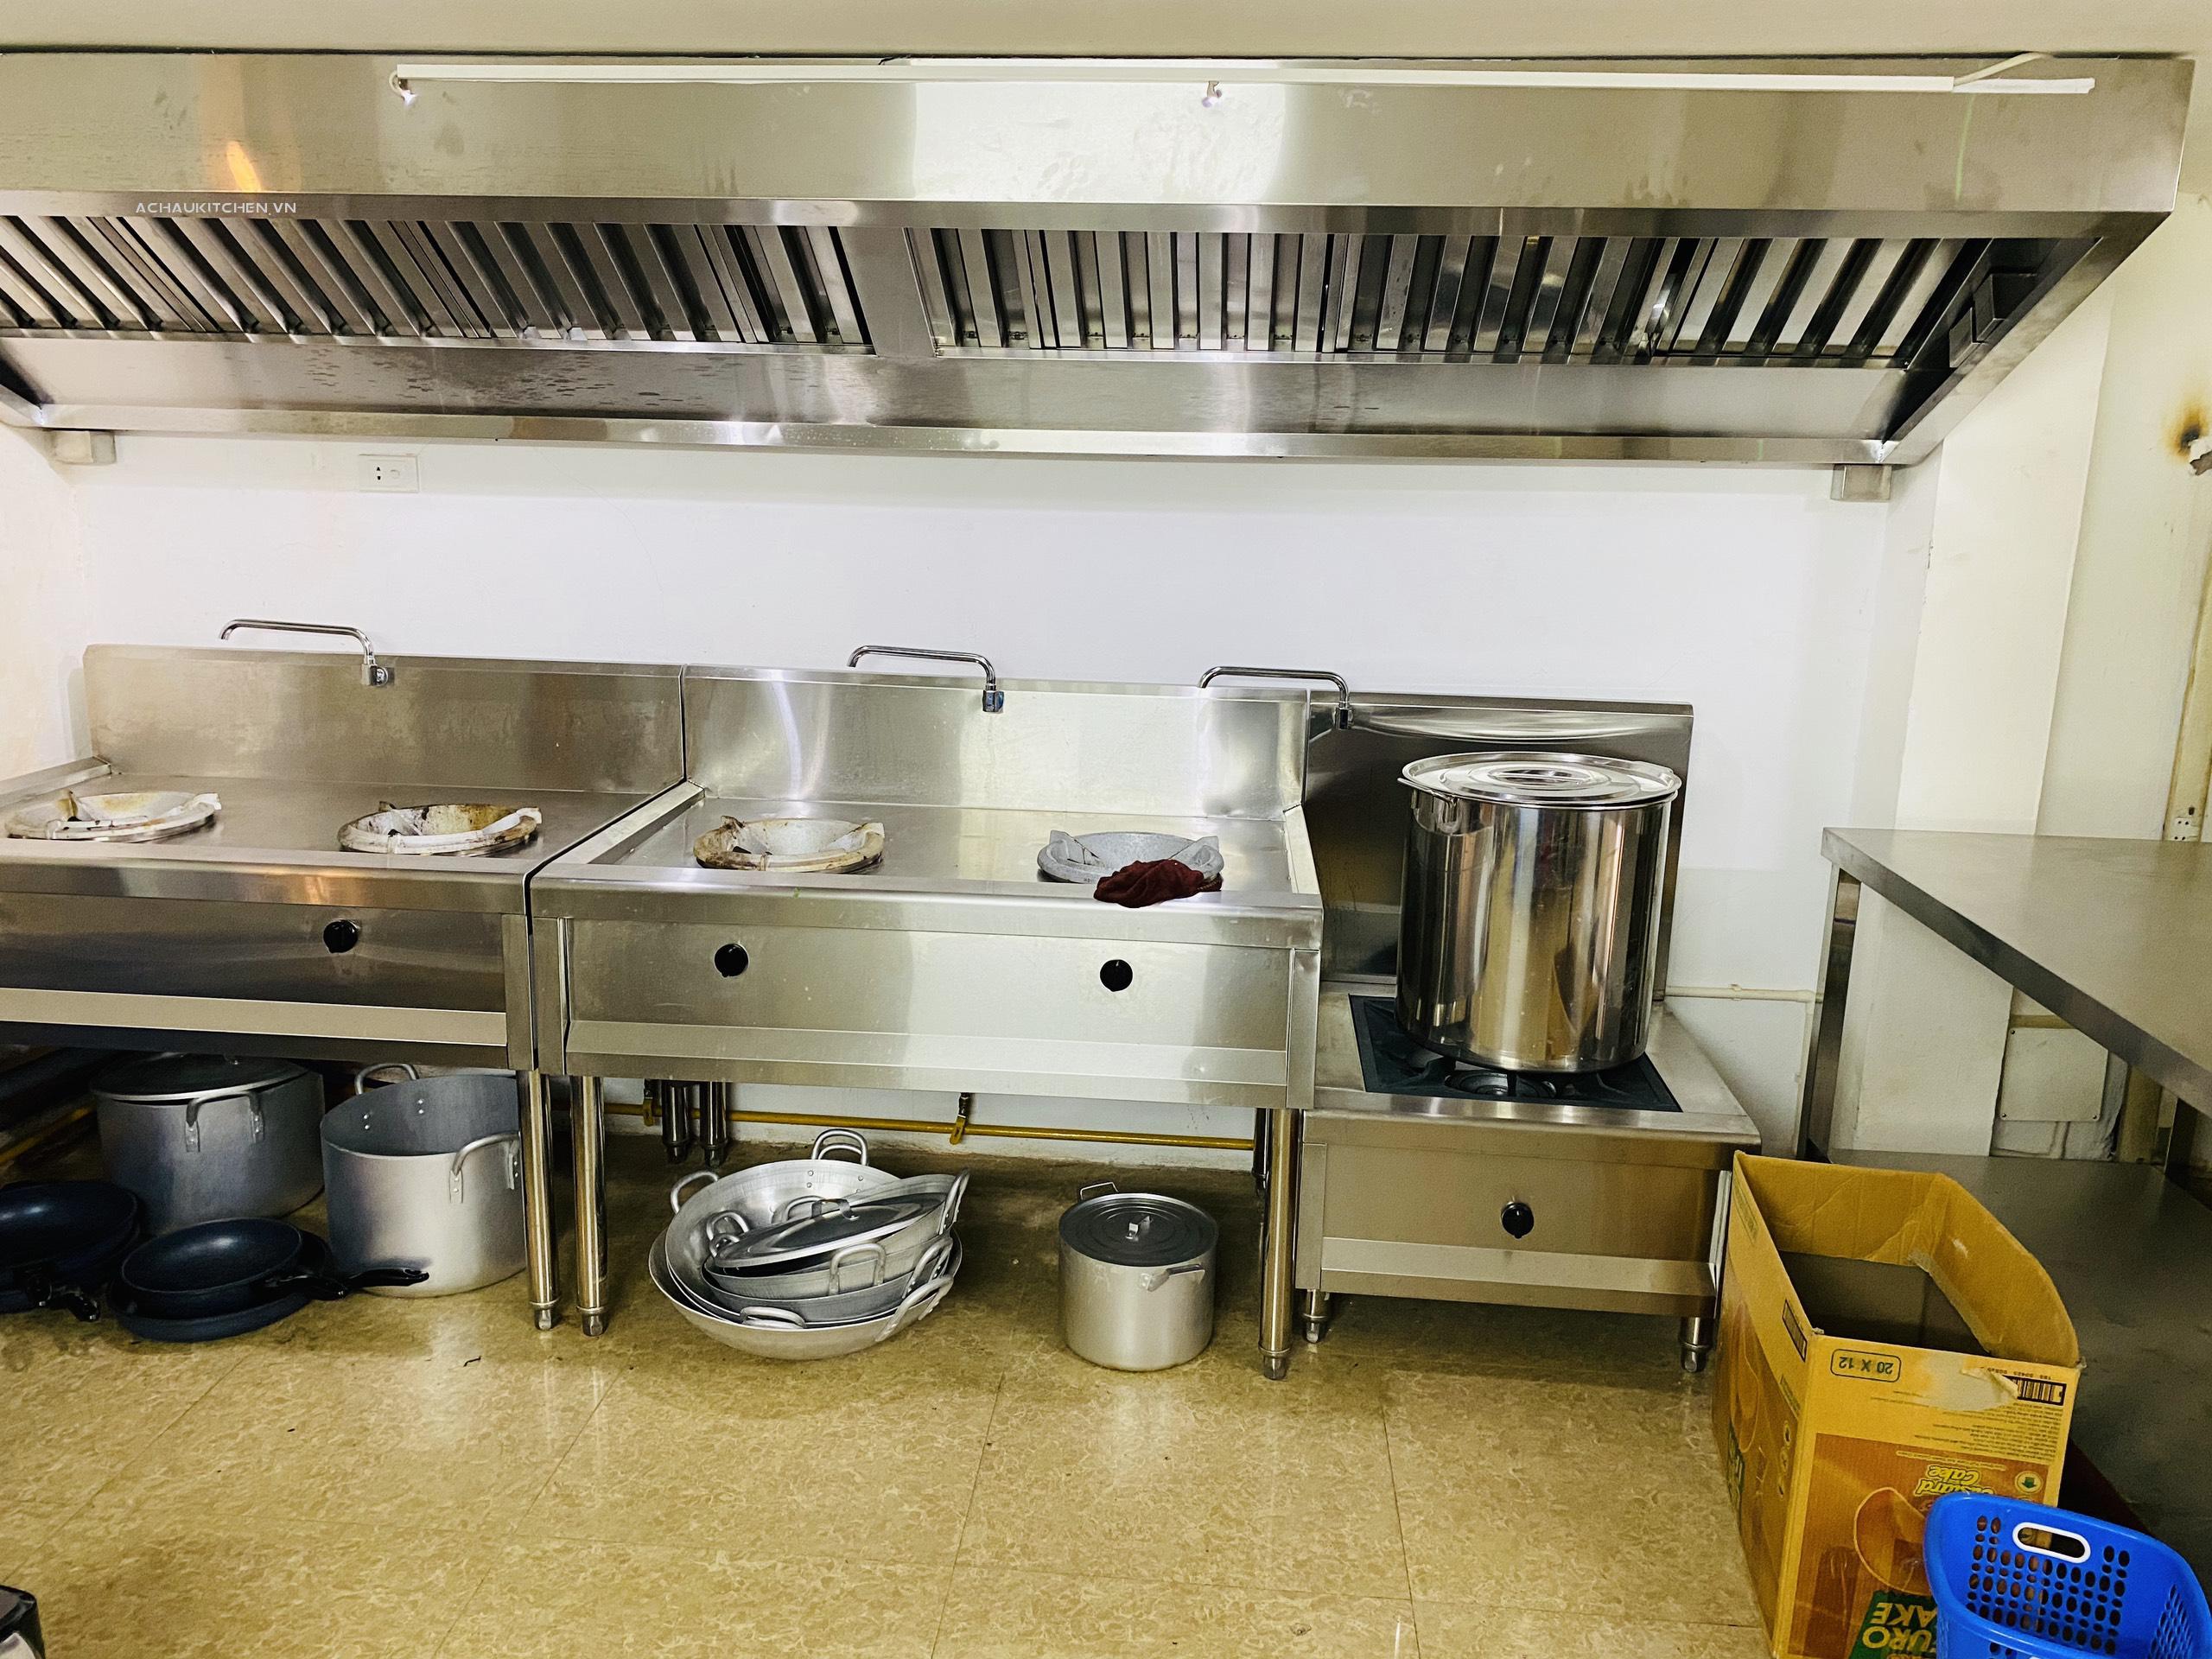 Tum hút mùi bếp công nghiệp nhà hàng (3)